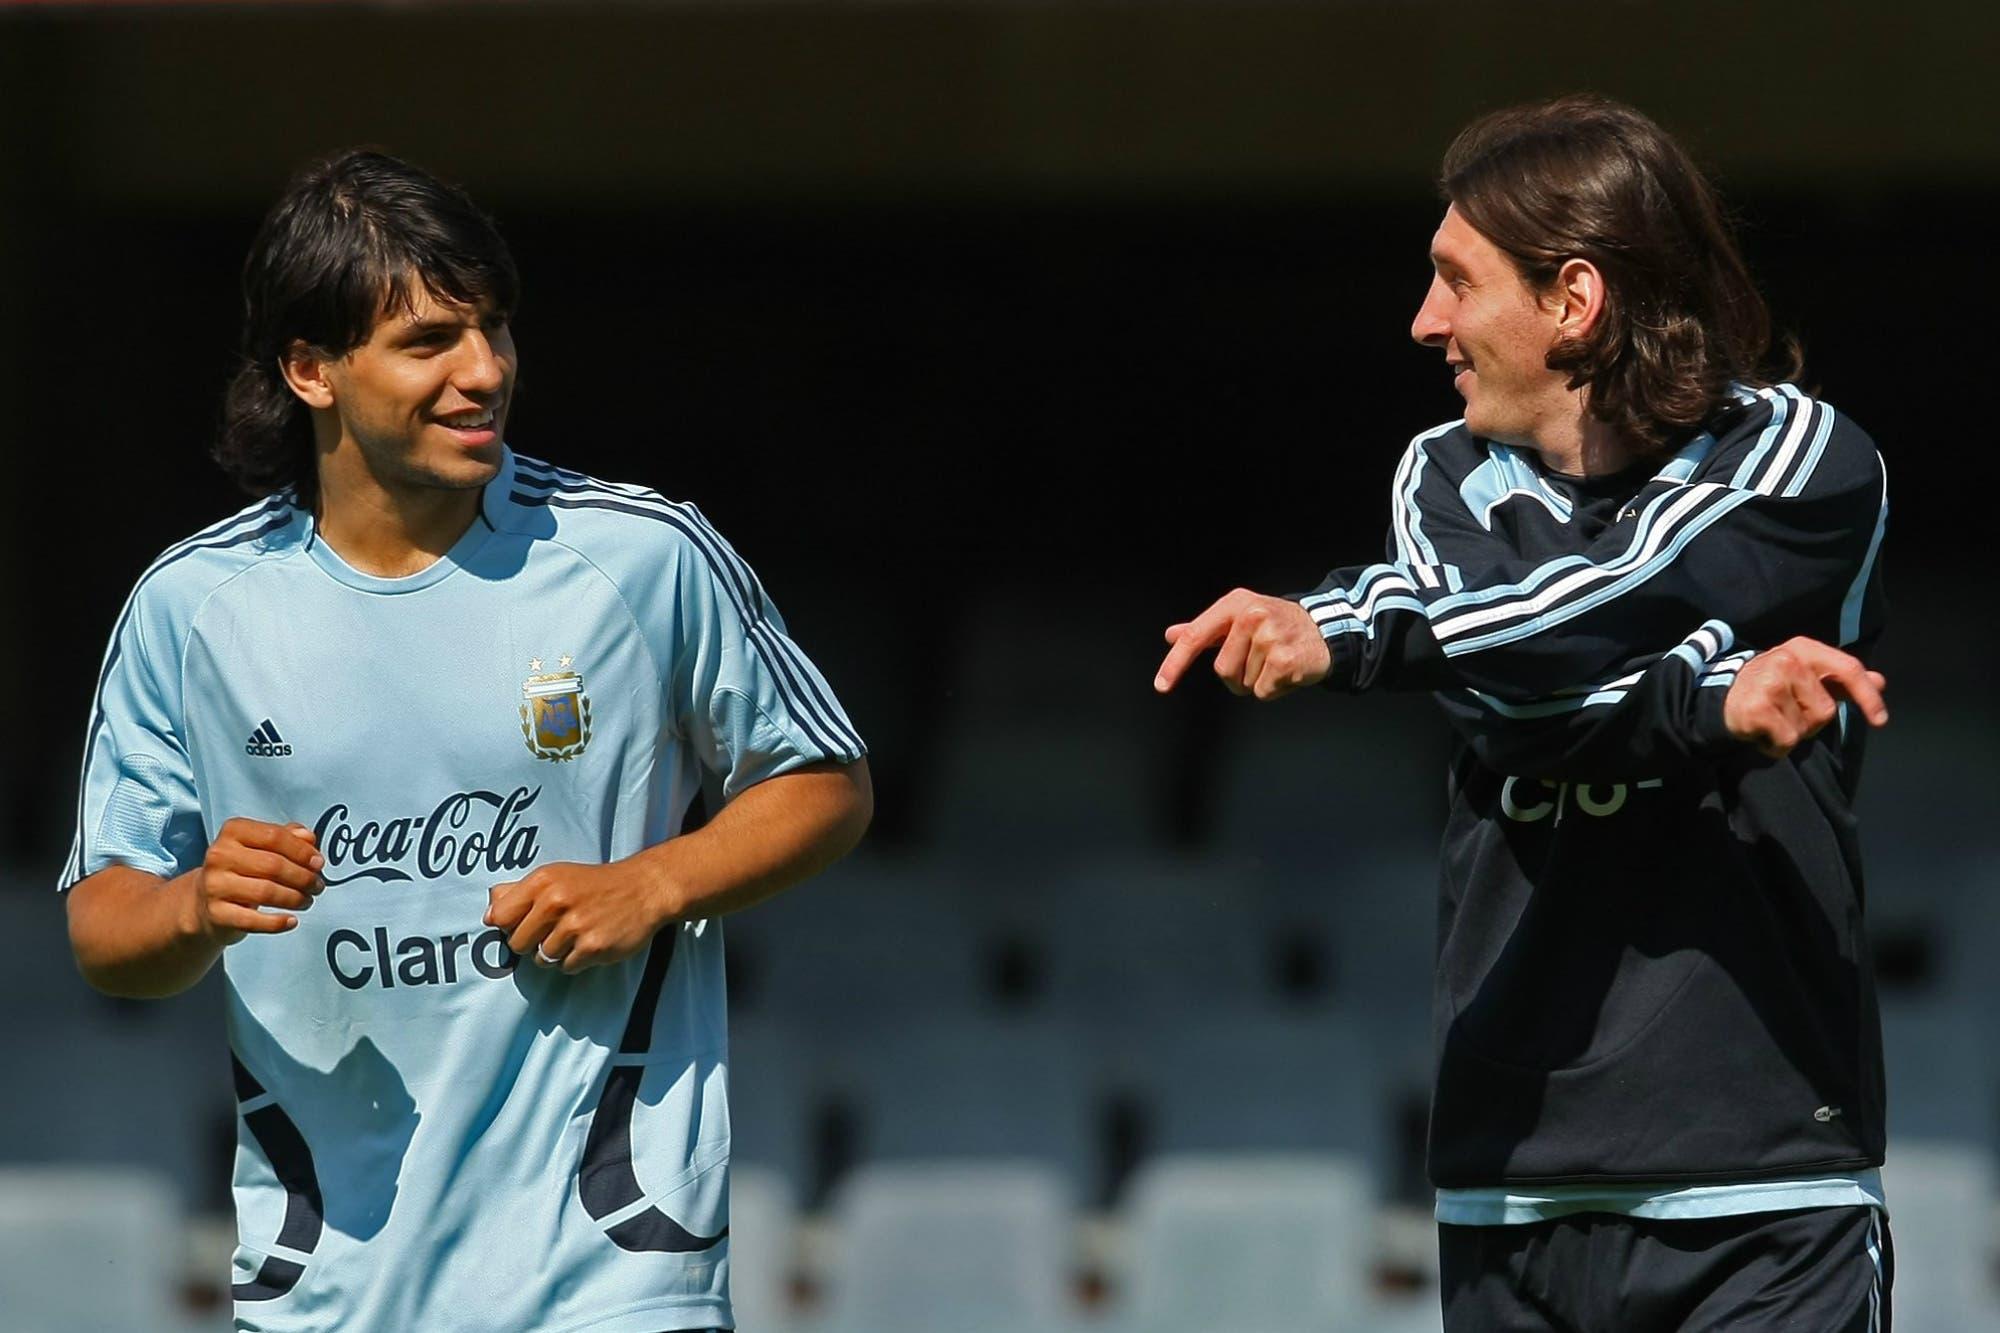 Cómo empezó una amistad: el día que Messi no estaba seguro de compartir la habitación con Agüero